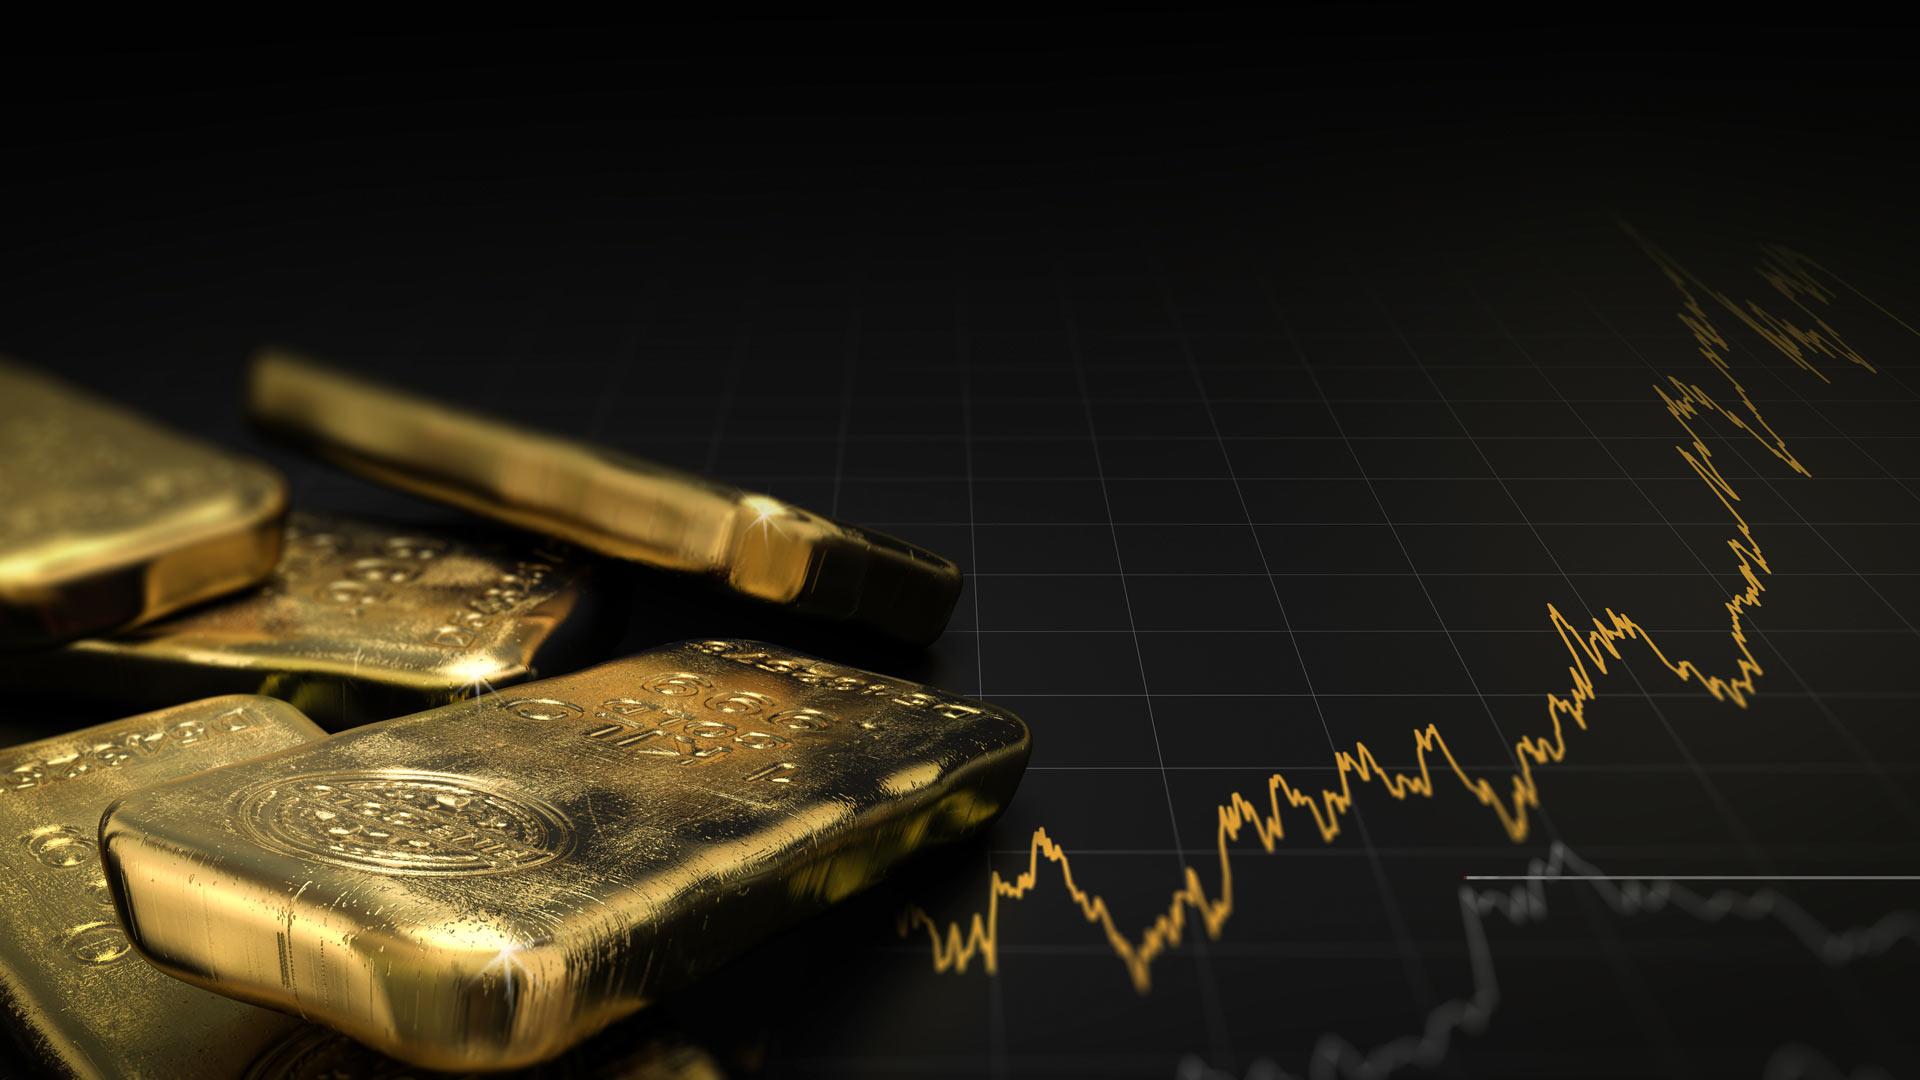 Bancos centrais devoram 20% da oferta global de ouro, e continuam comprando